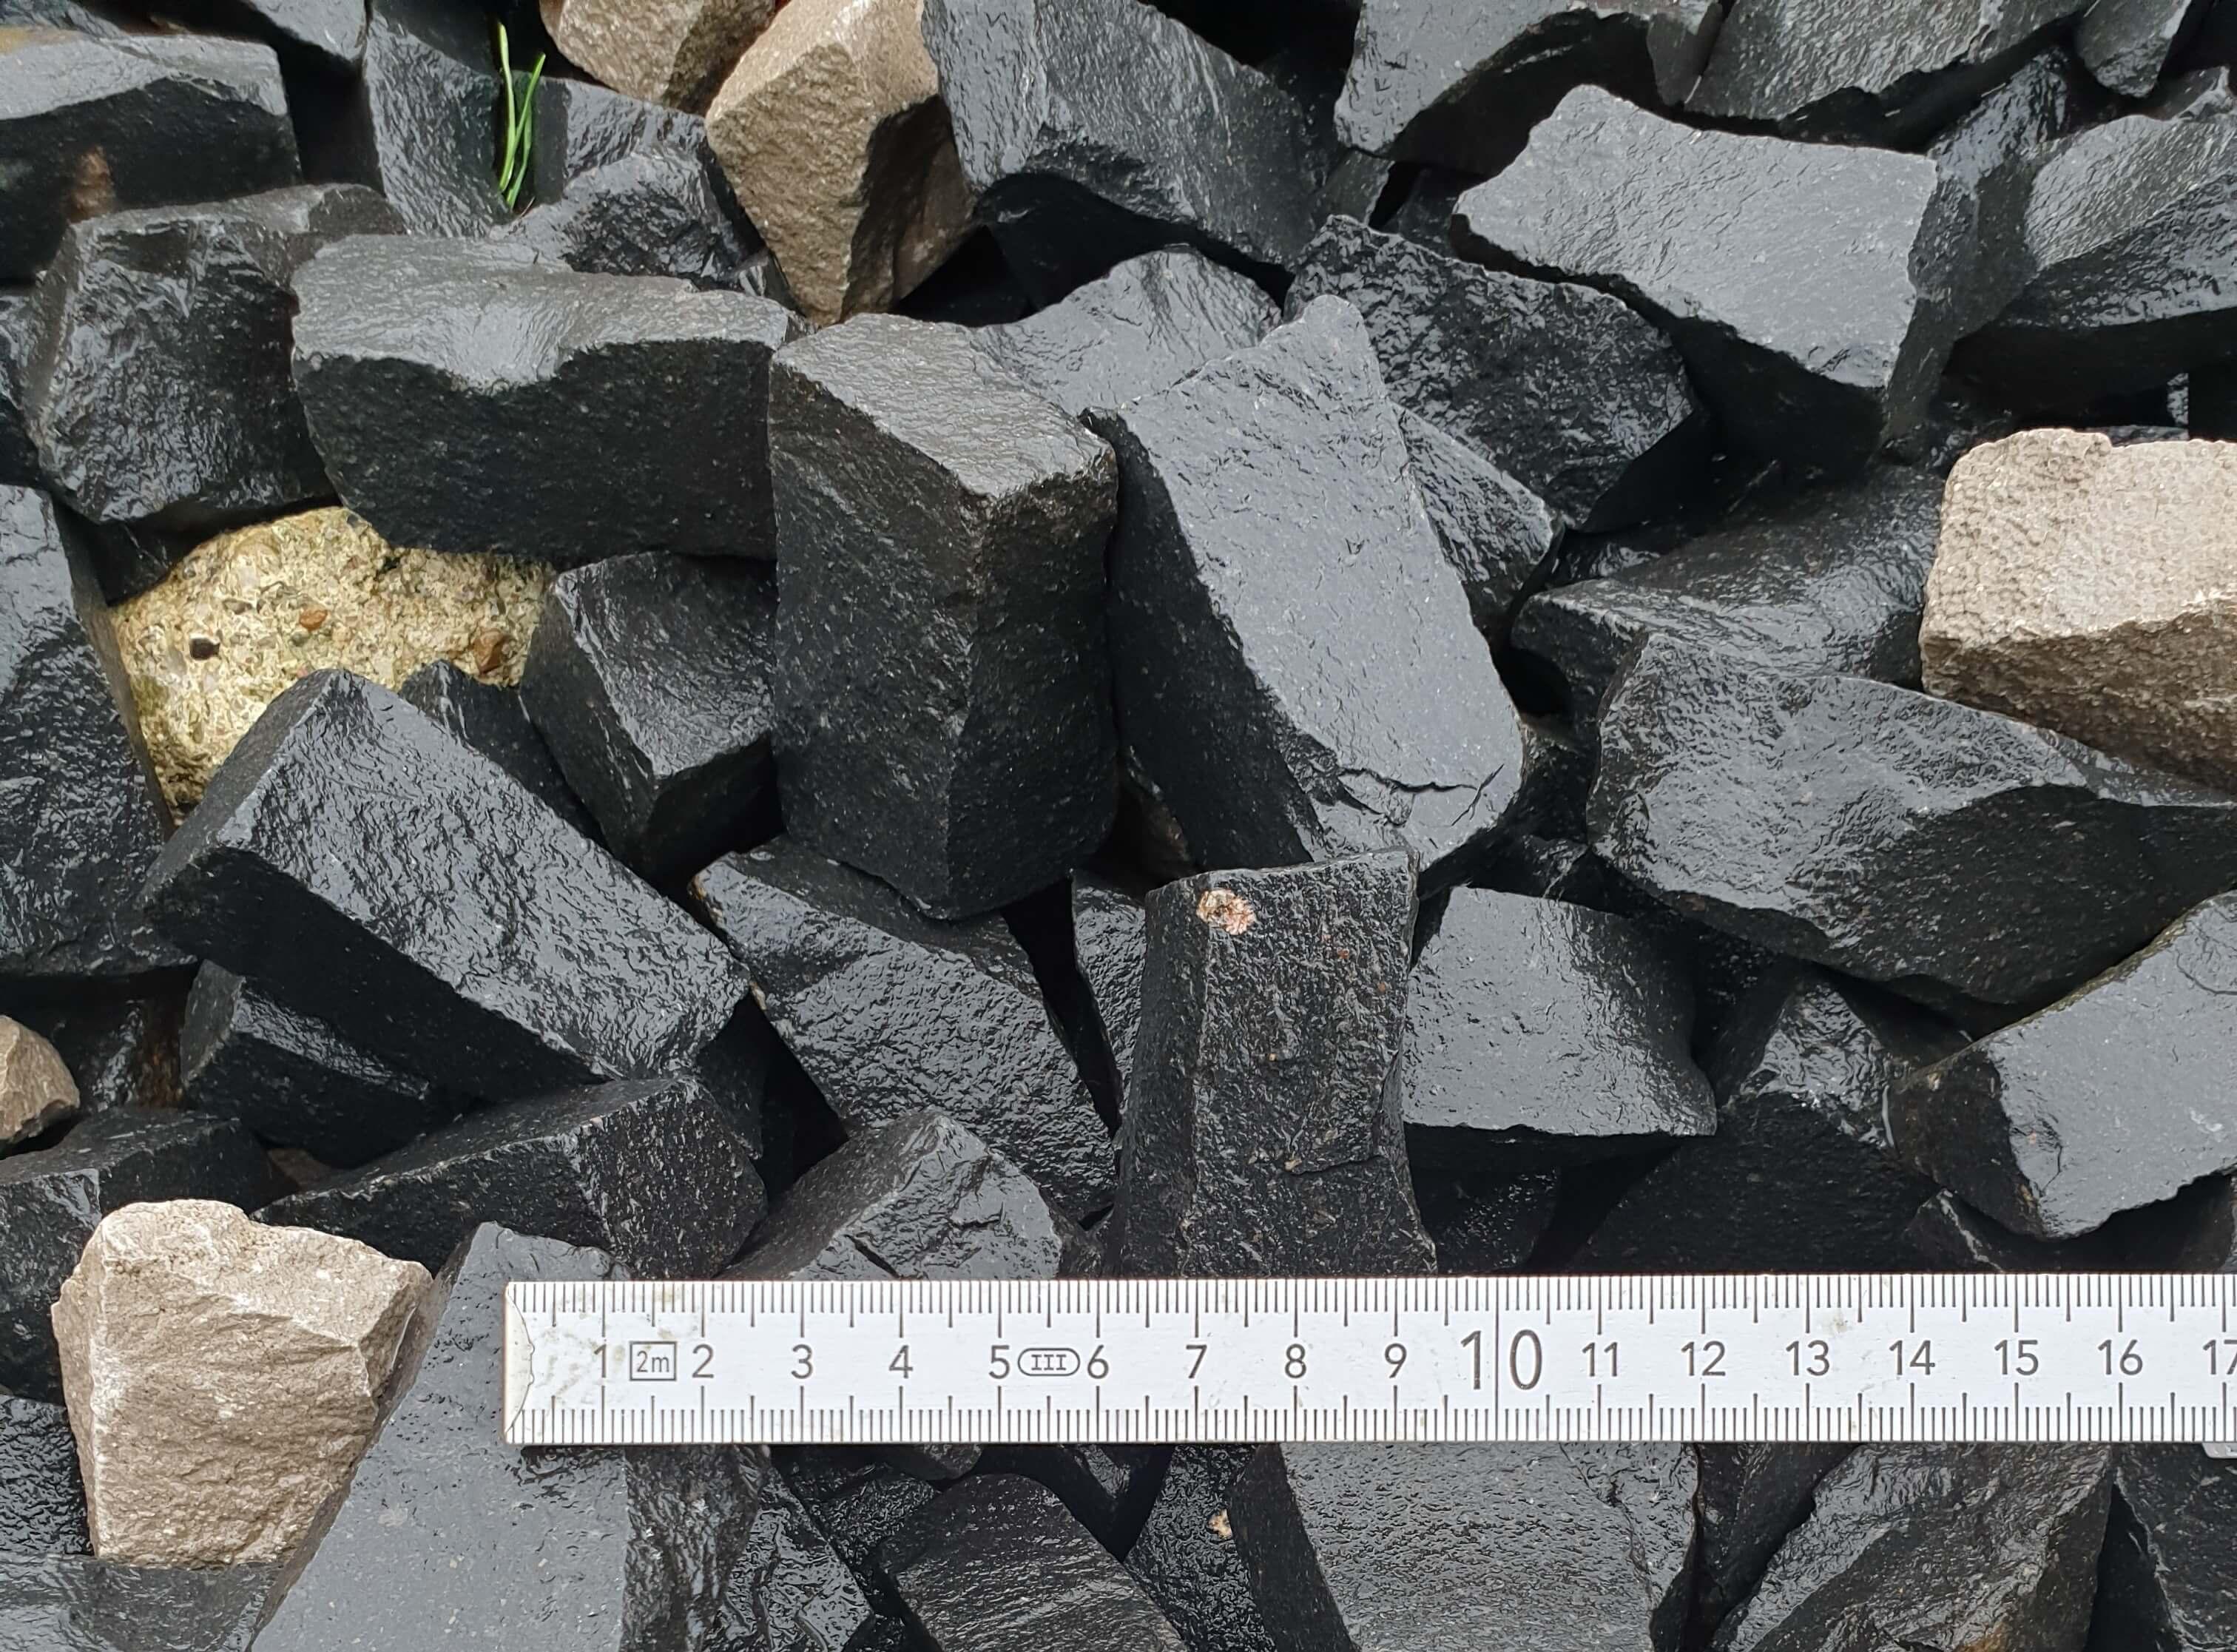 gebrauchtes granit kleinpflaster 8 11 cm reihenf hig. Black Bedroom Furniture Sets. Home Design Ideas